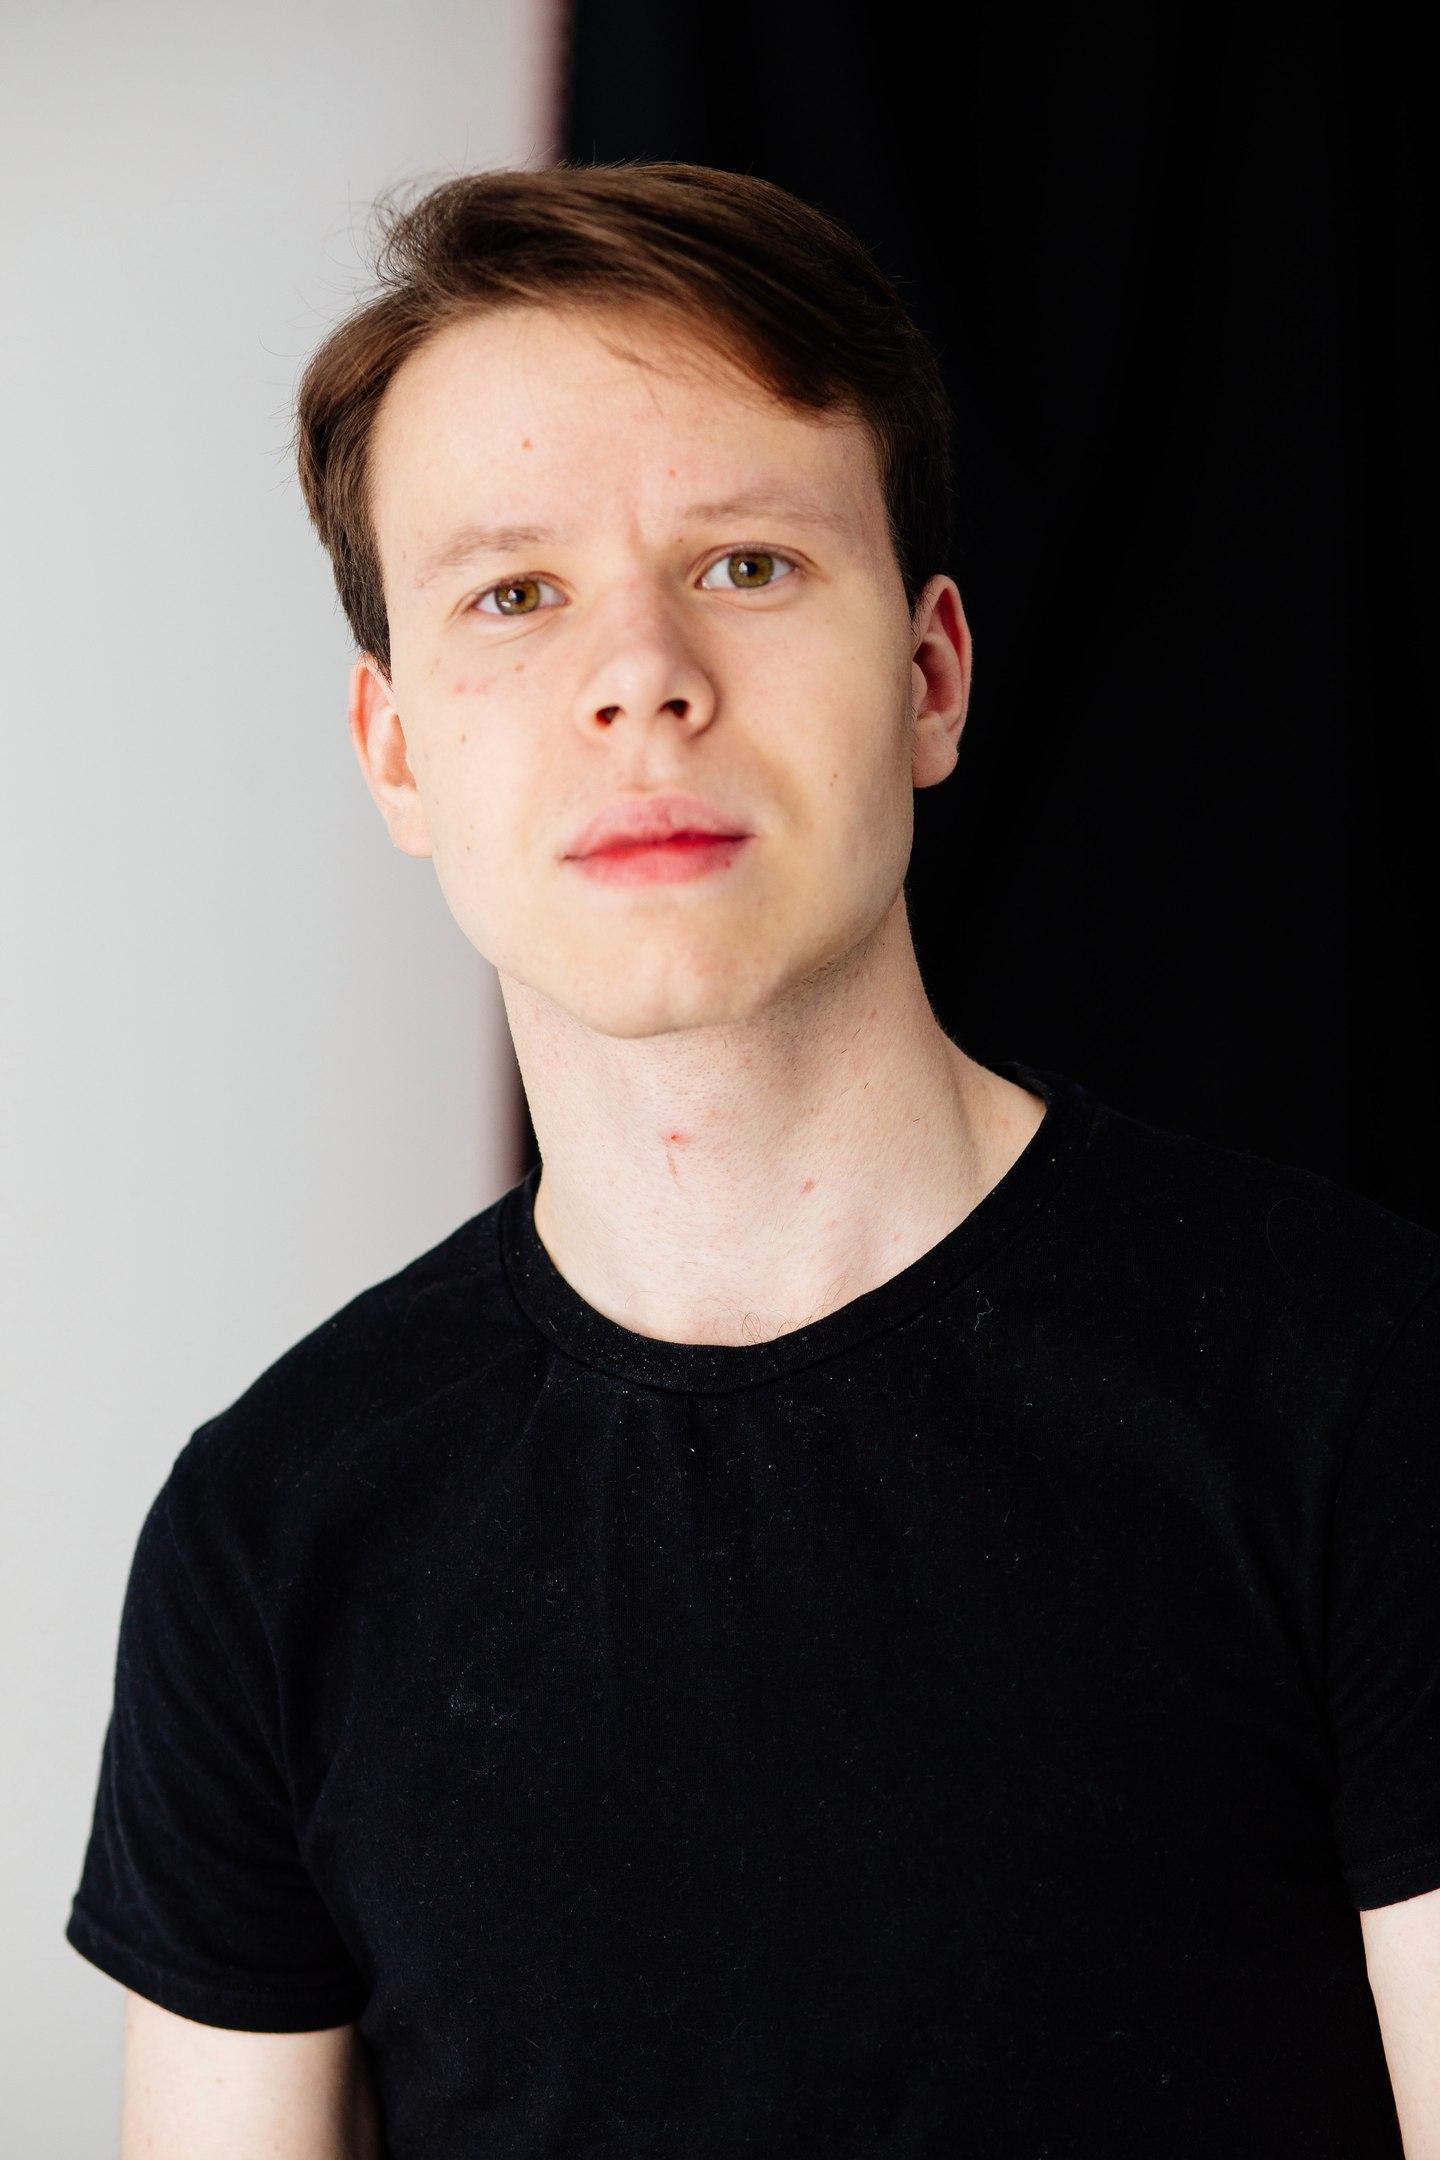 Artur Zheravlev